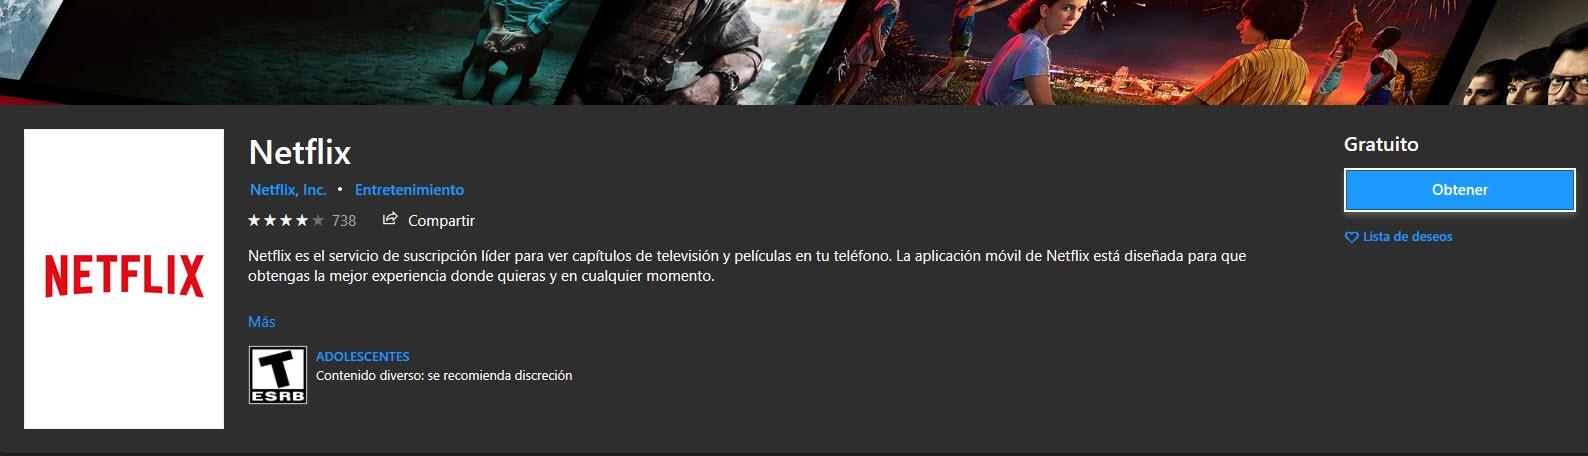 Cómo actualizar Netflix en Windows